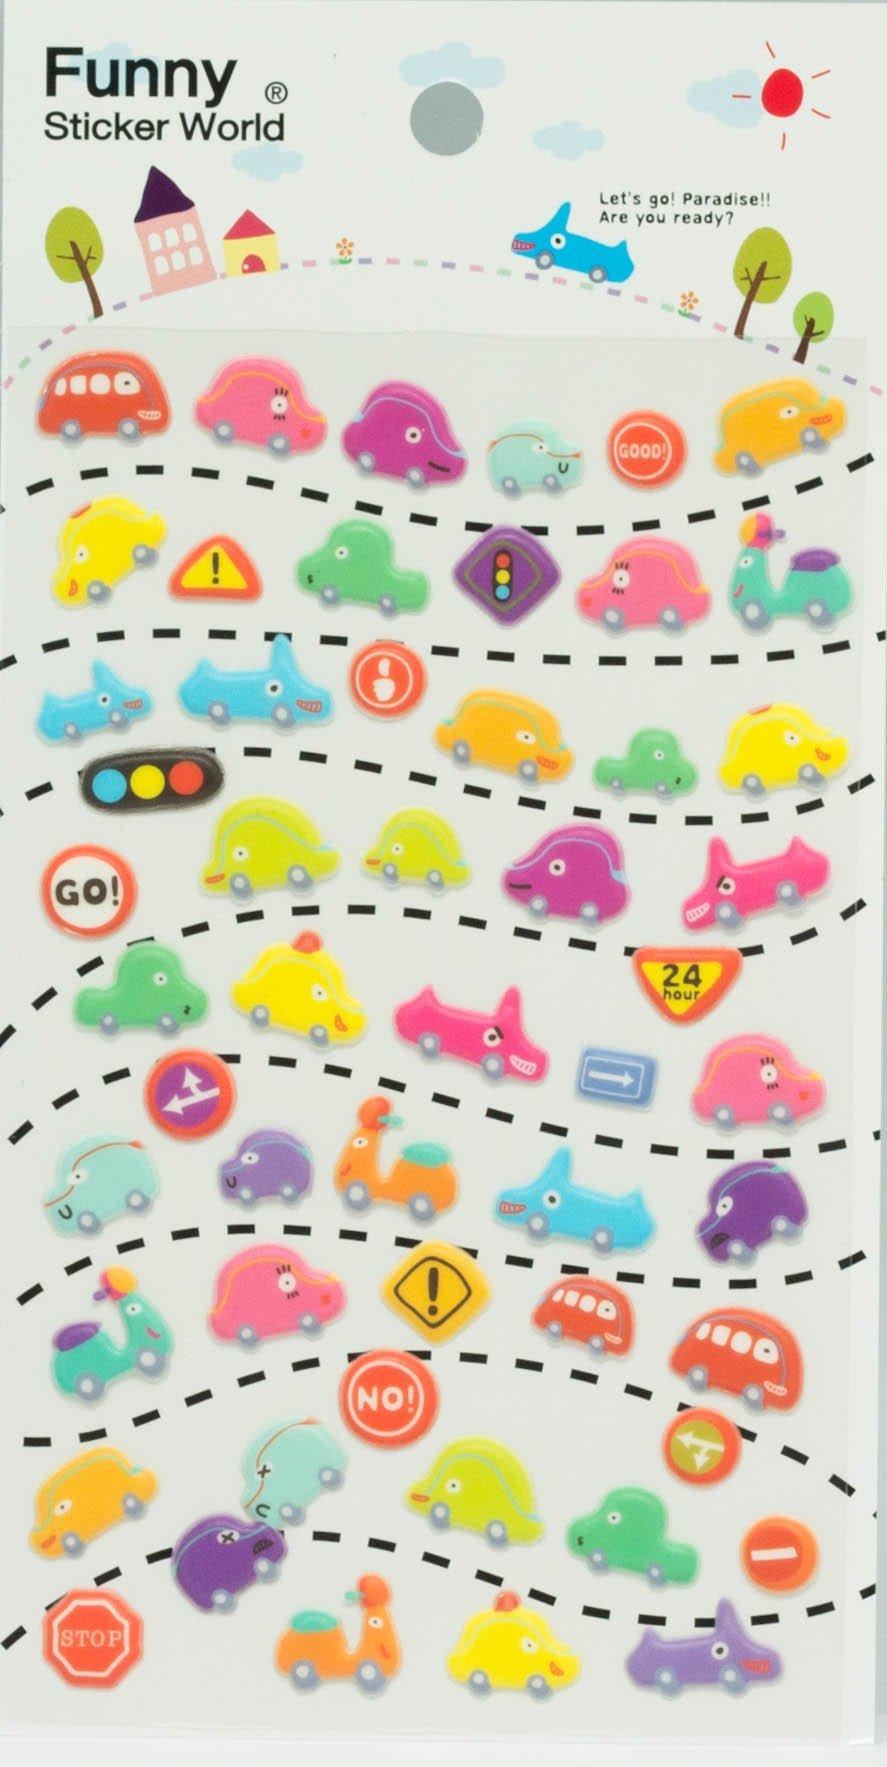 מדבקות פאף- Funny Sticker World - Let's Go!